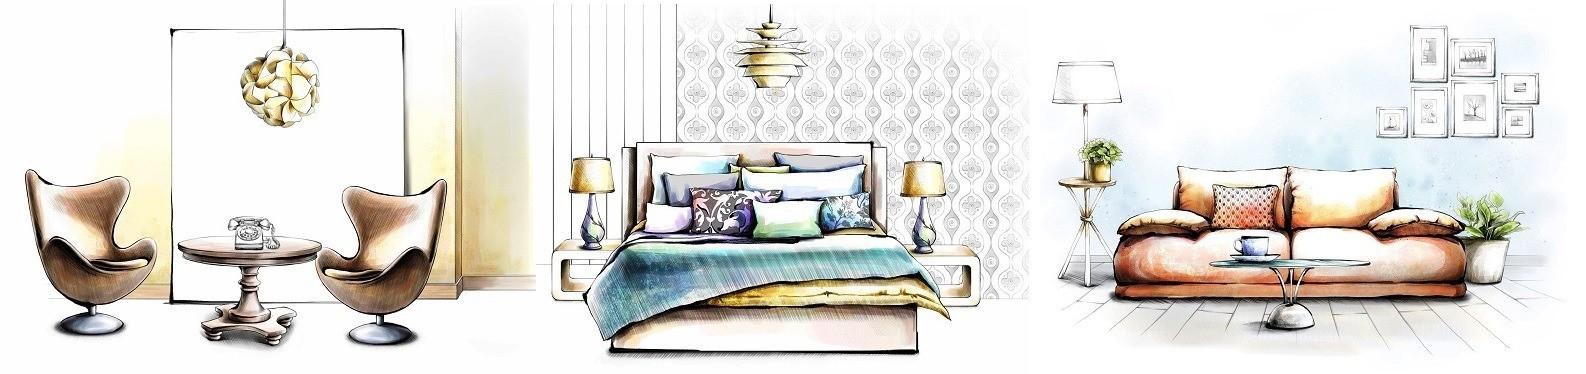 Sofa dizayn.zakazat - Кожаный диван на заказ